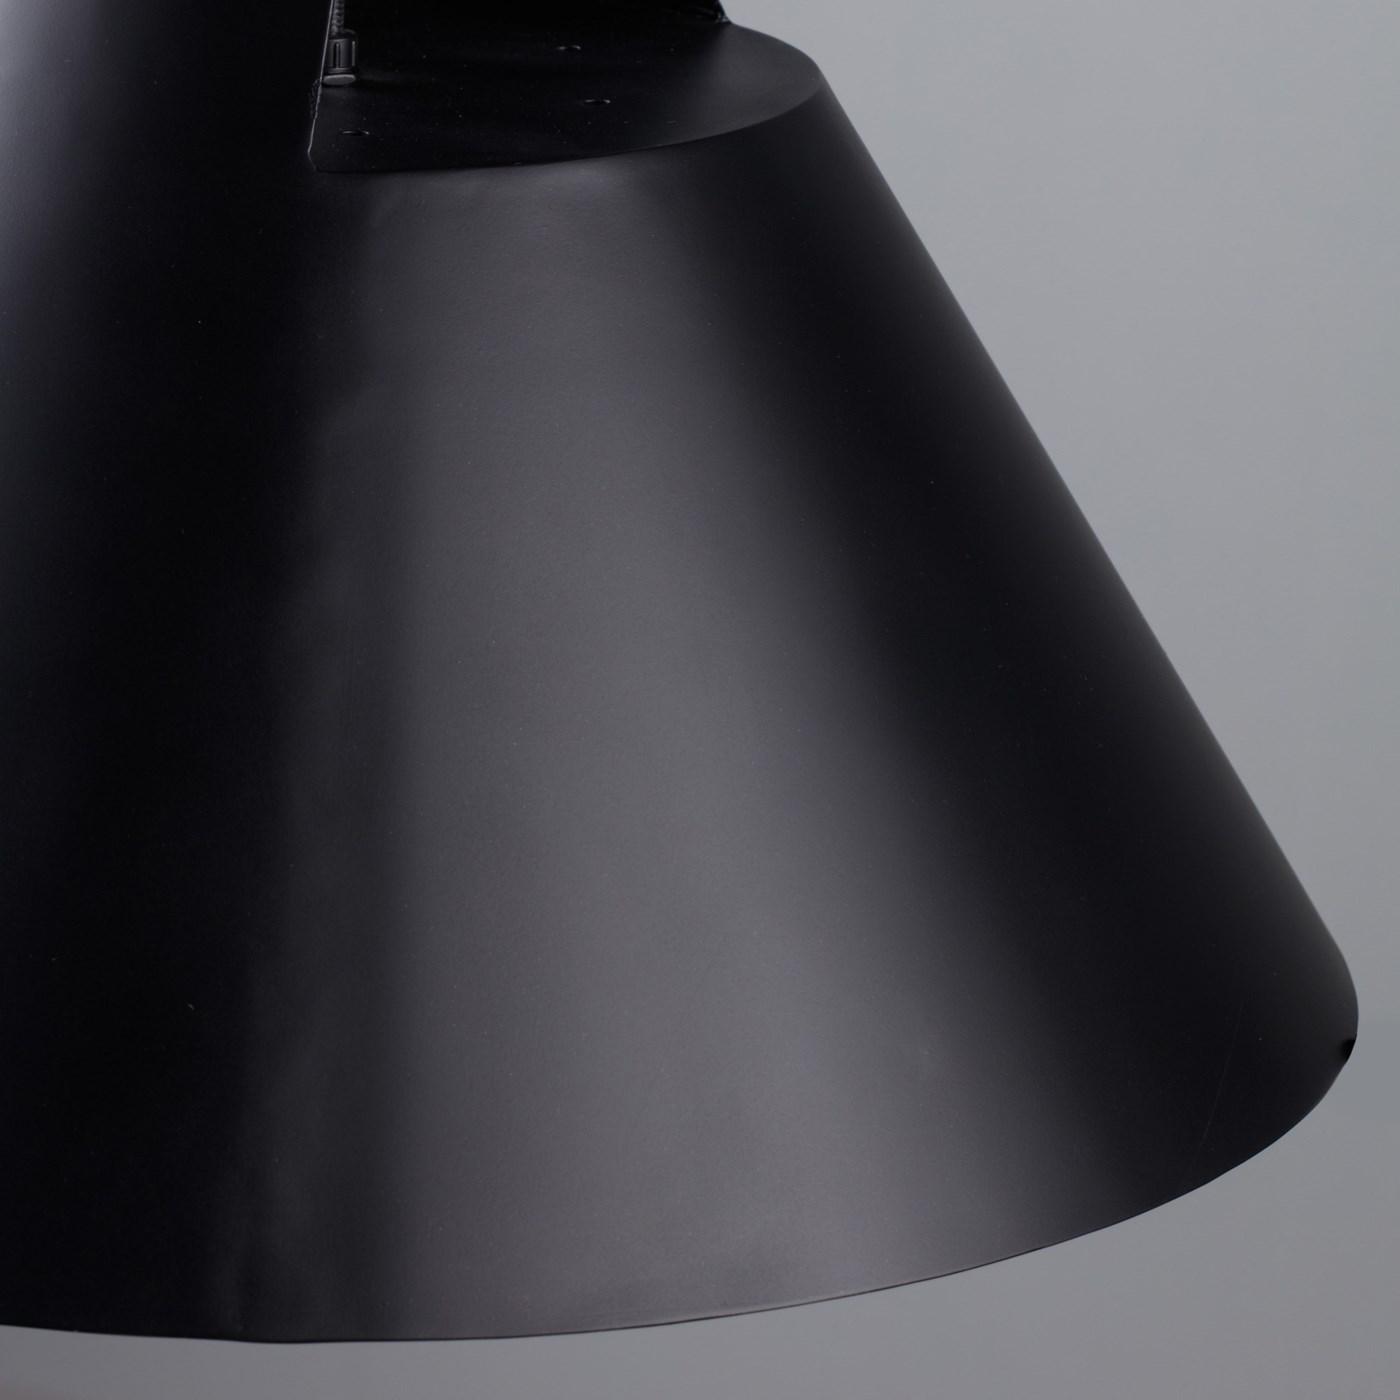 Kettle Pendant 35 - Black Iron / 120v US